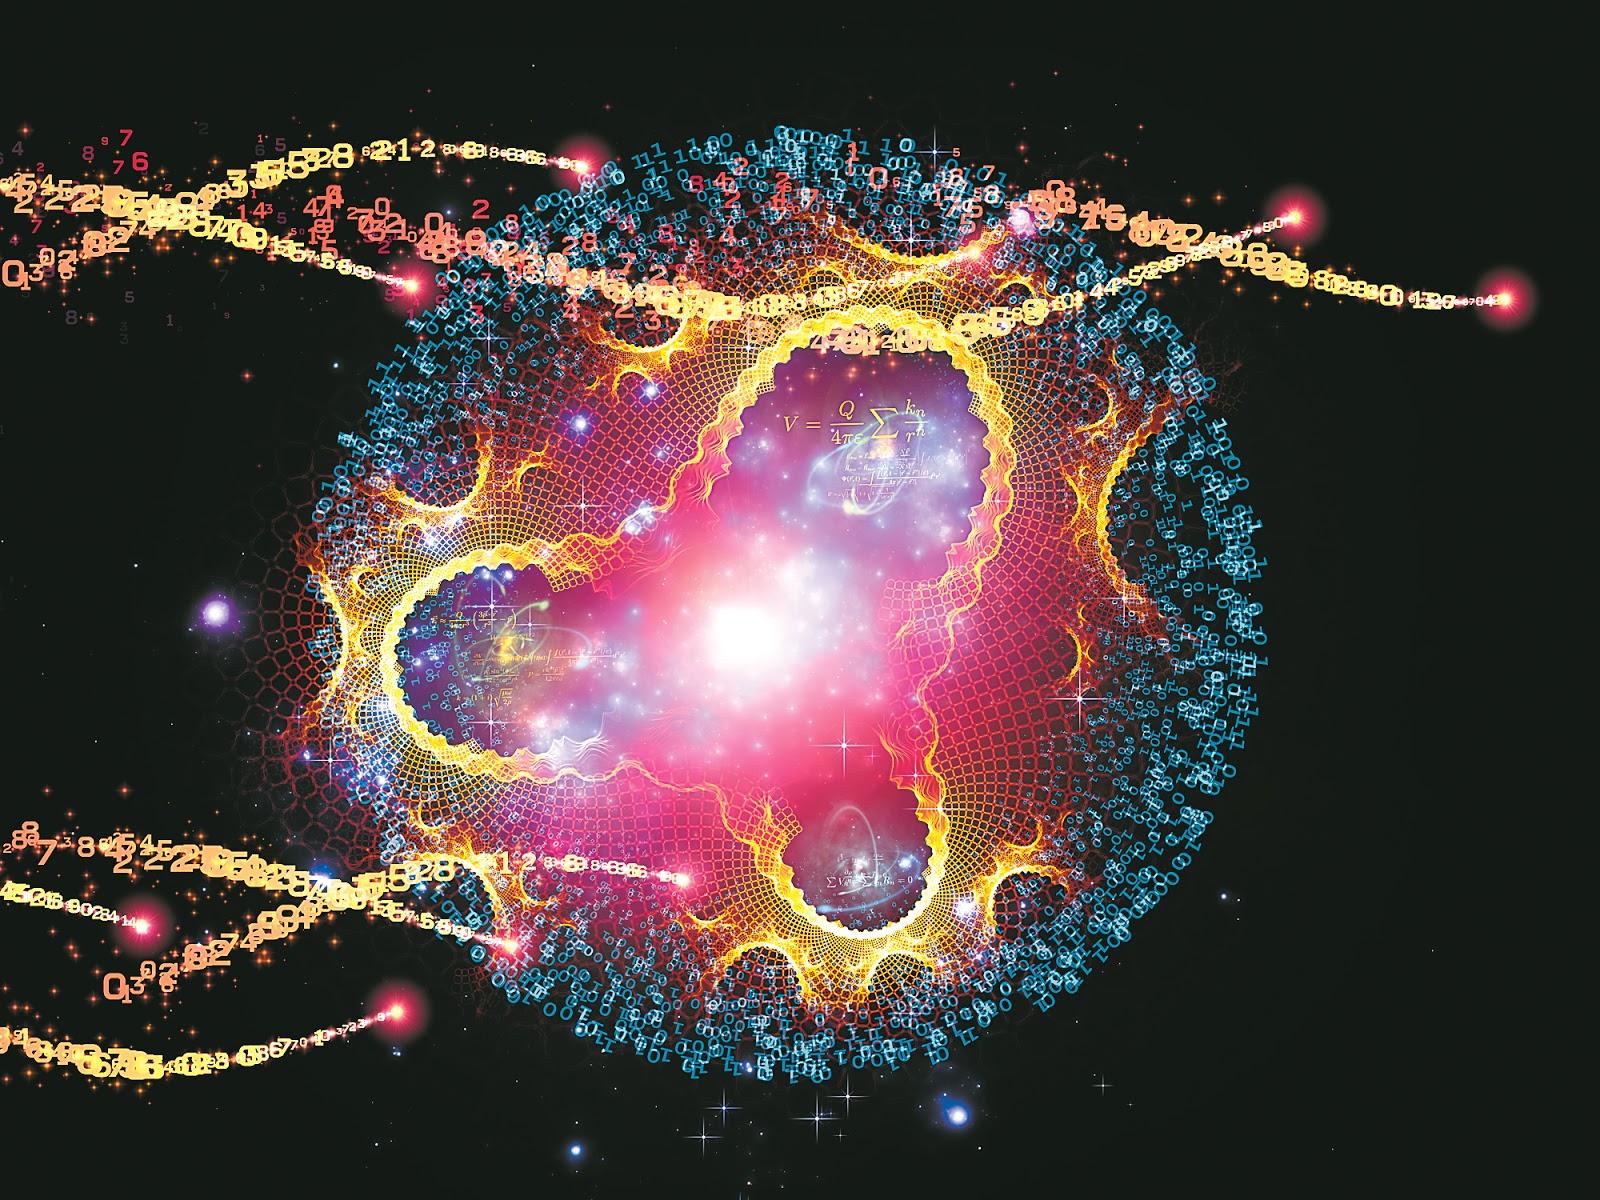 Νόμοι της Φυσικής - Η Αρχή της Αβεβαιότητας